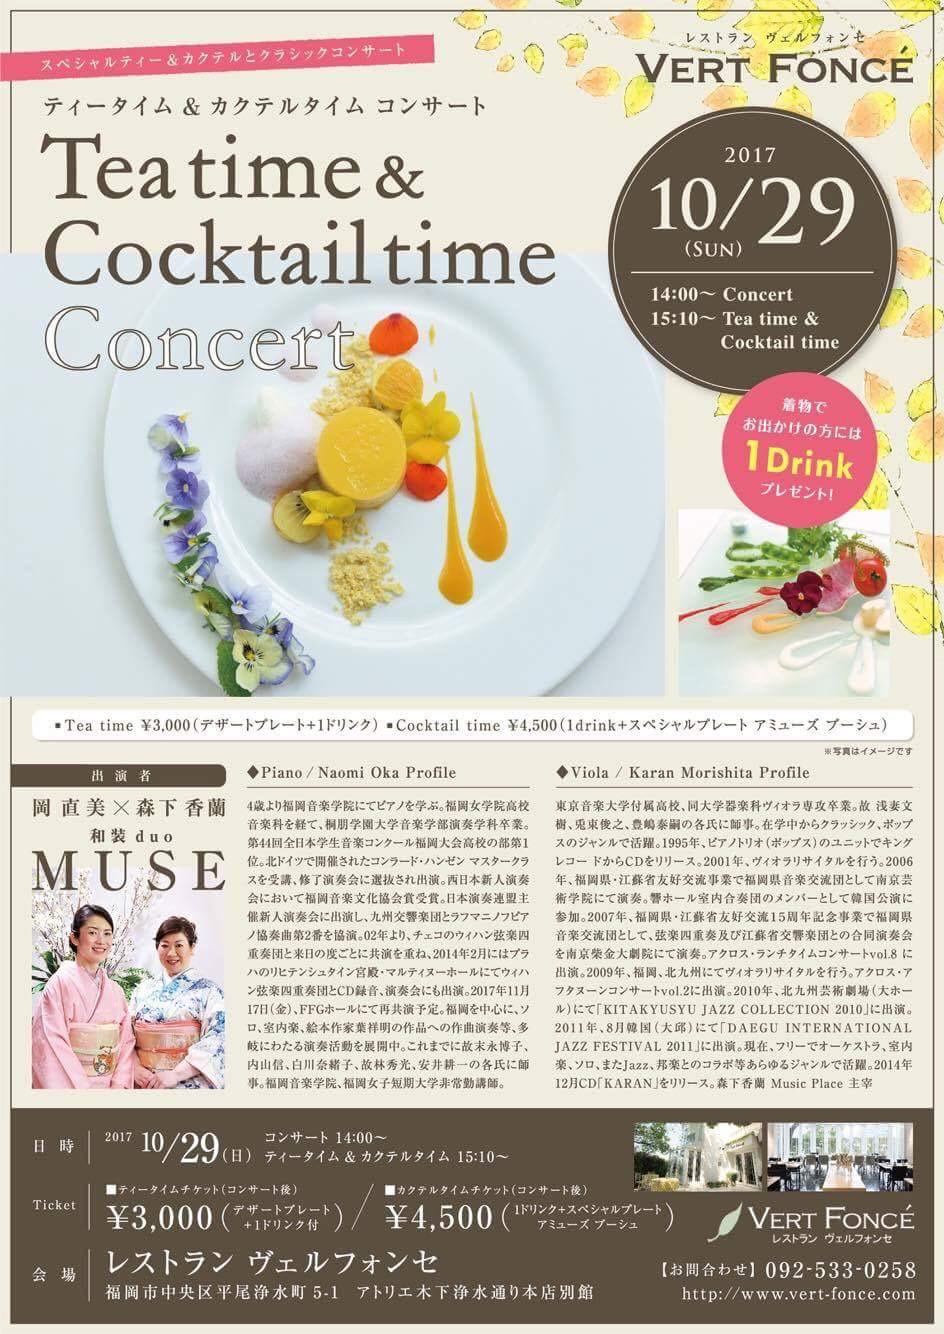 2017年10月29日(日) TEA TIME&COCKTAIL TIME CONCERT